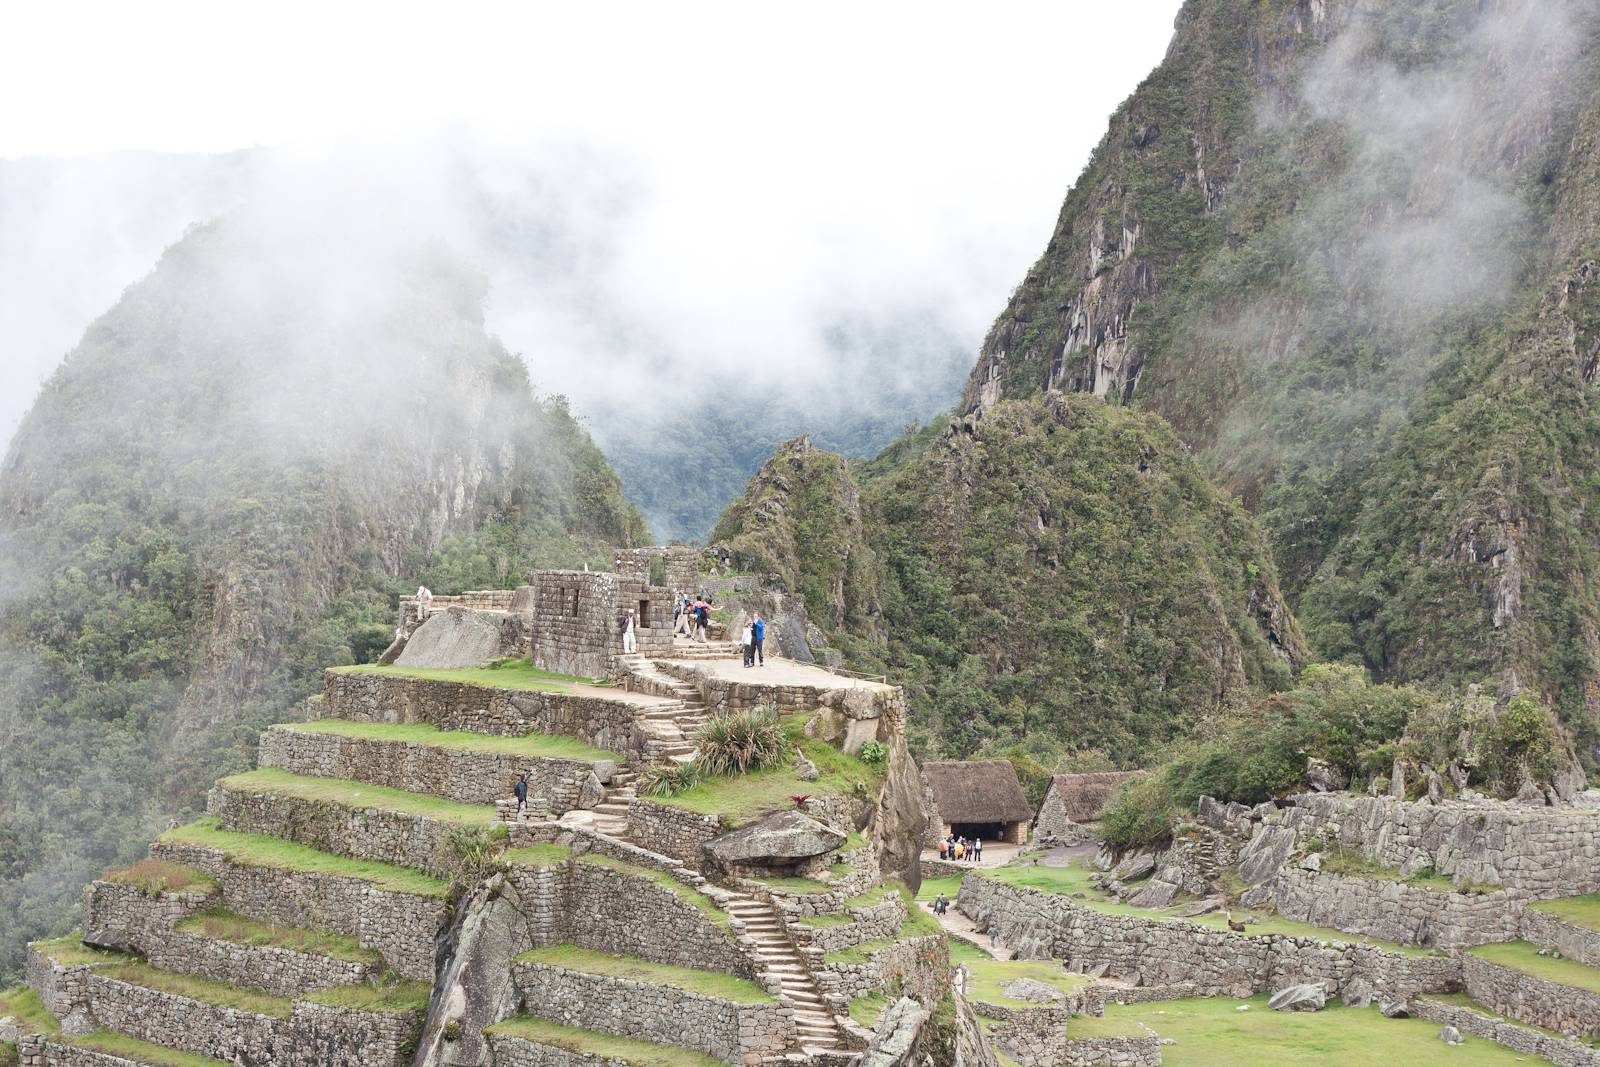 Photo 2: Machu Picchu